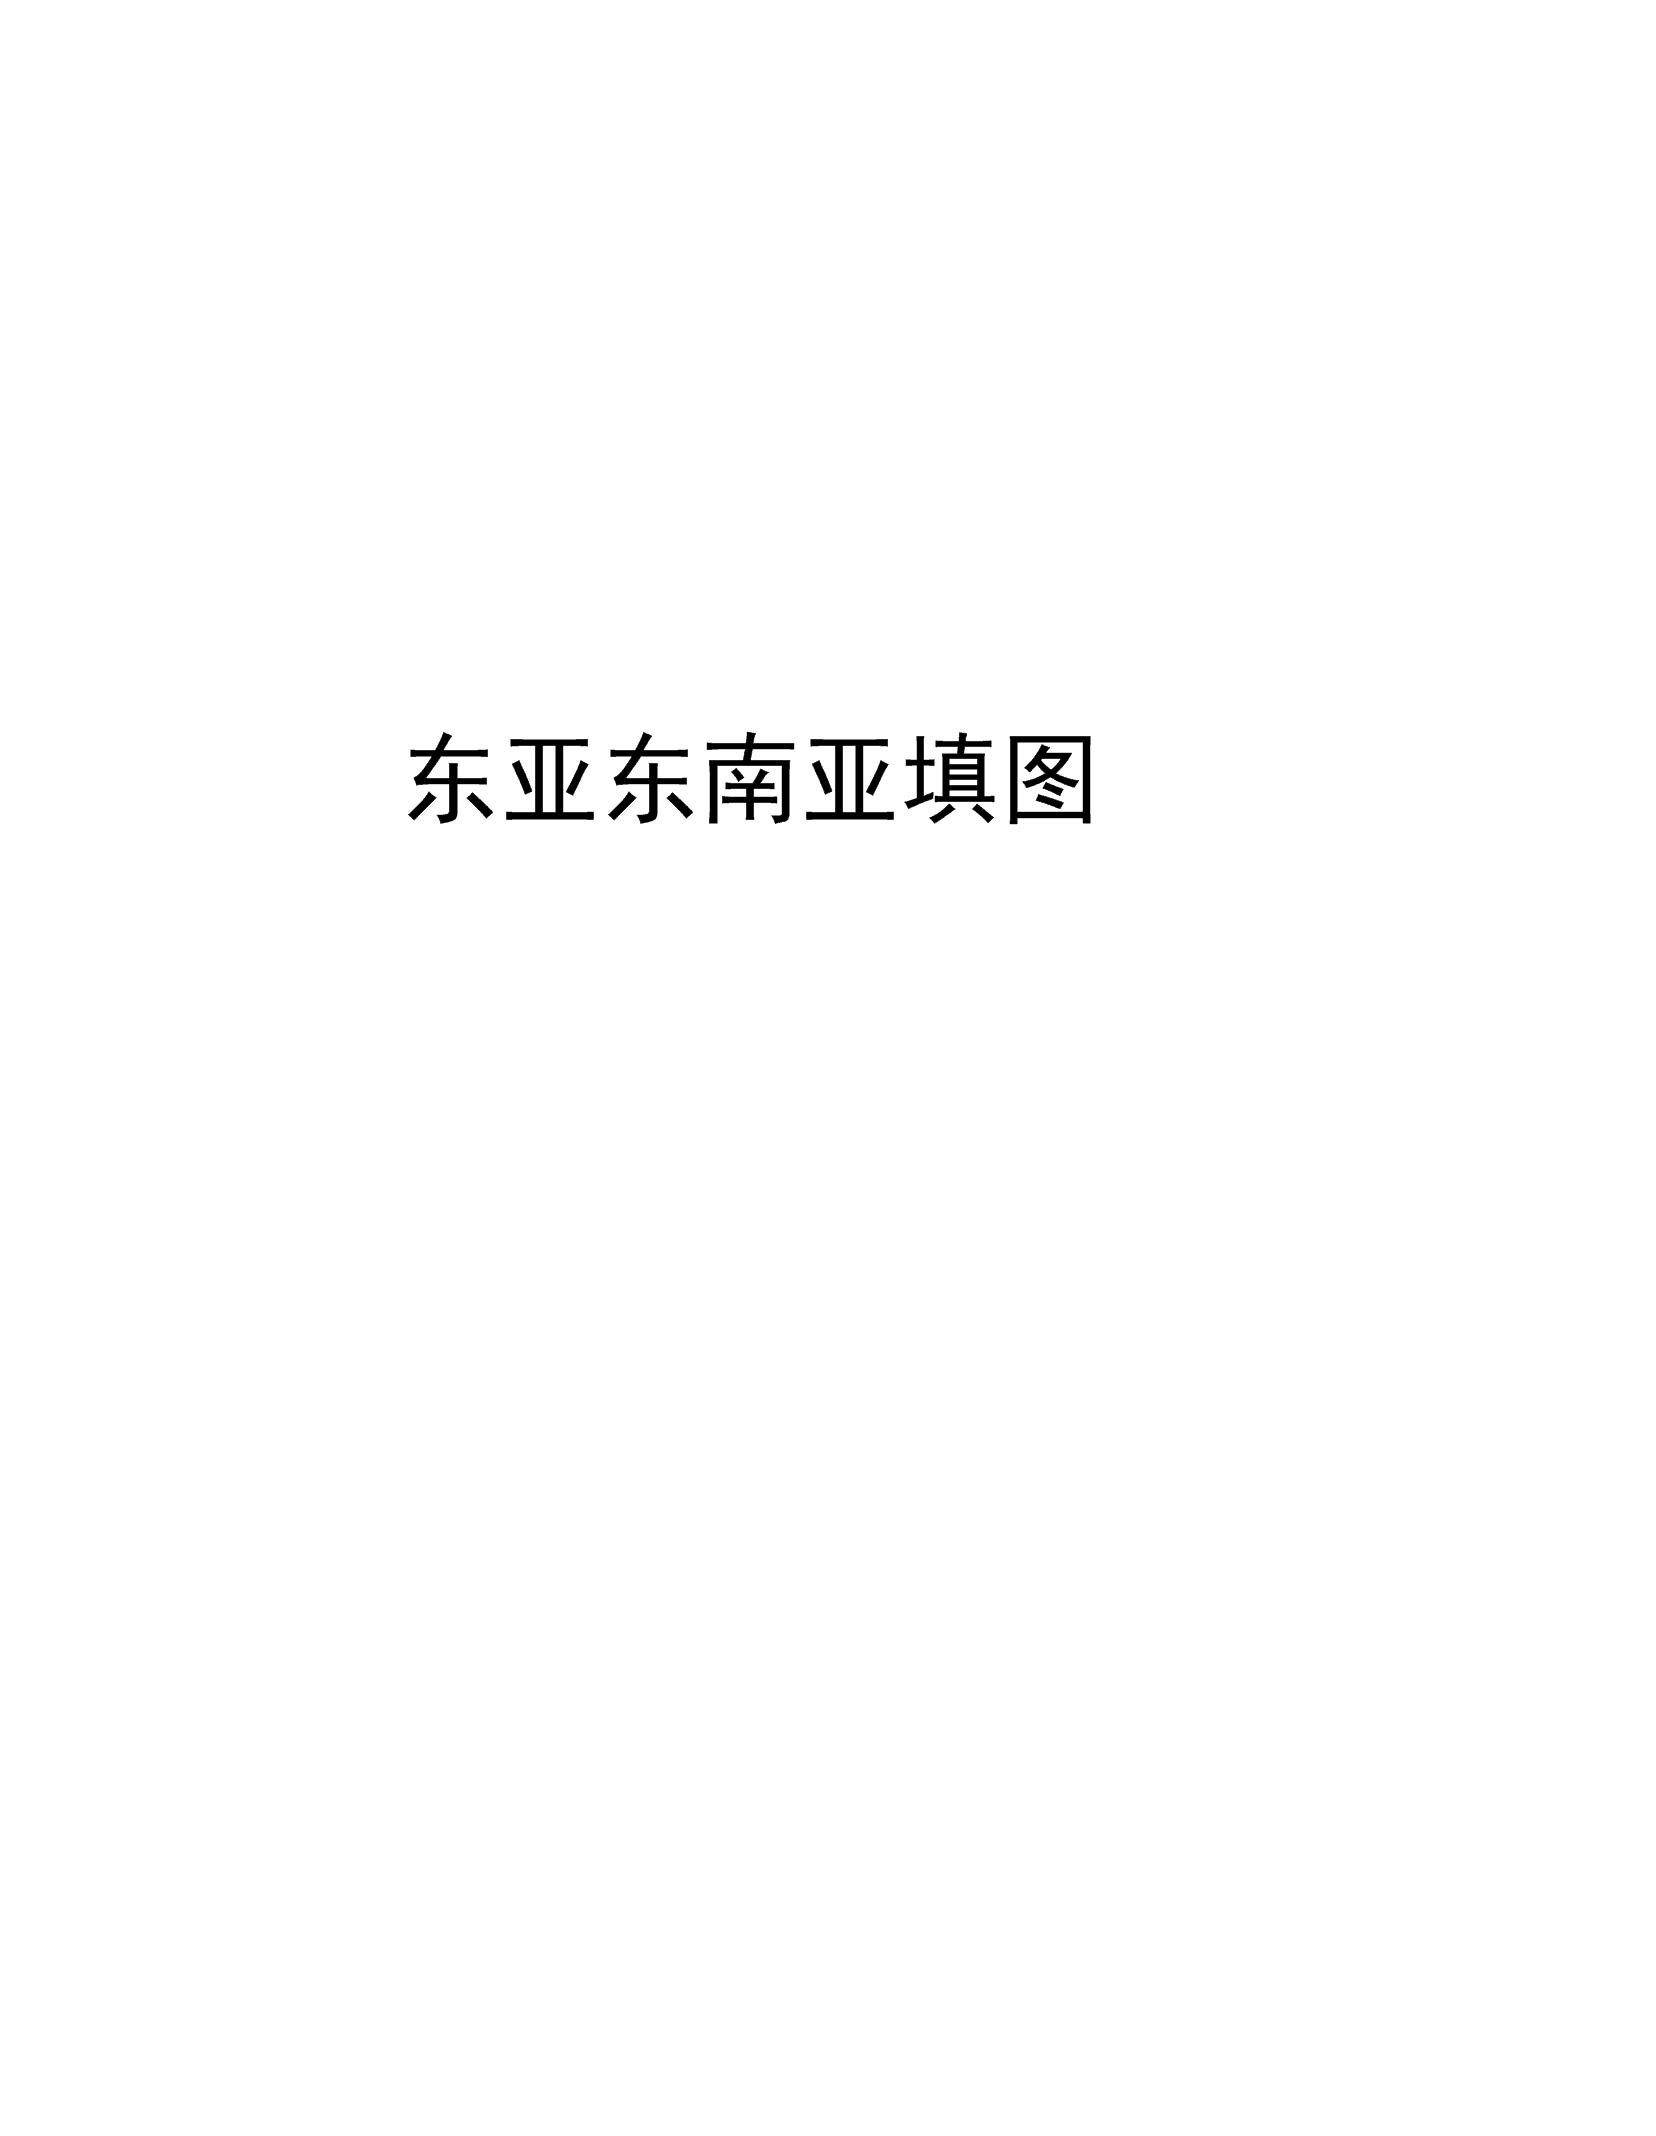 东亚东南亚填图复习进程.docx